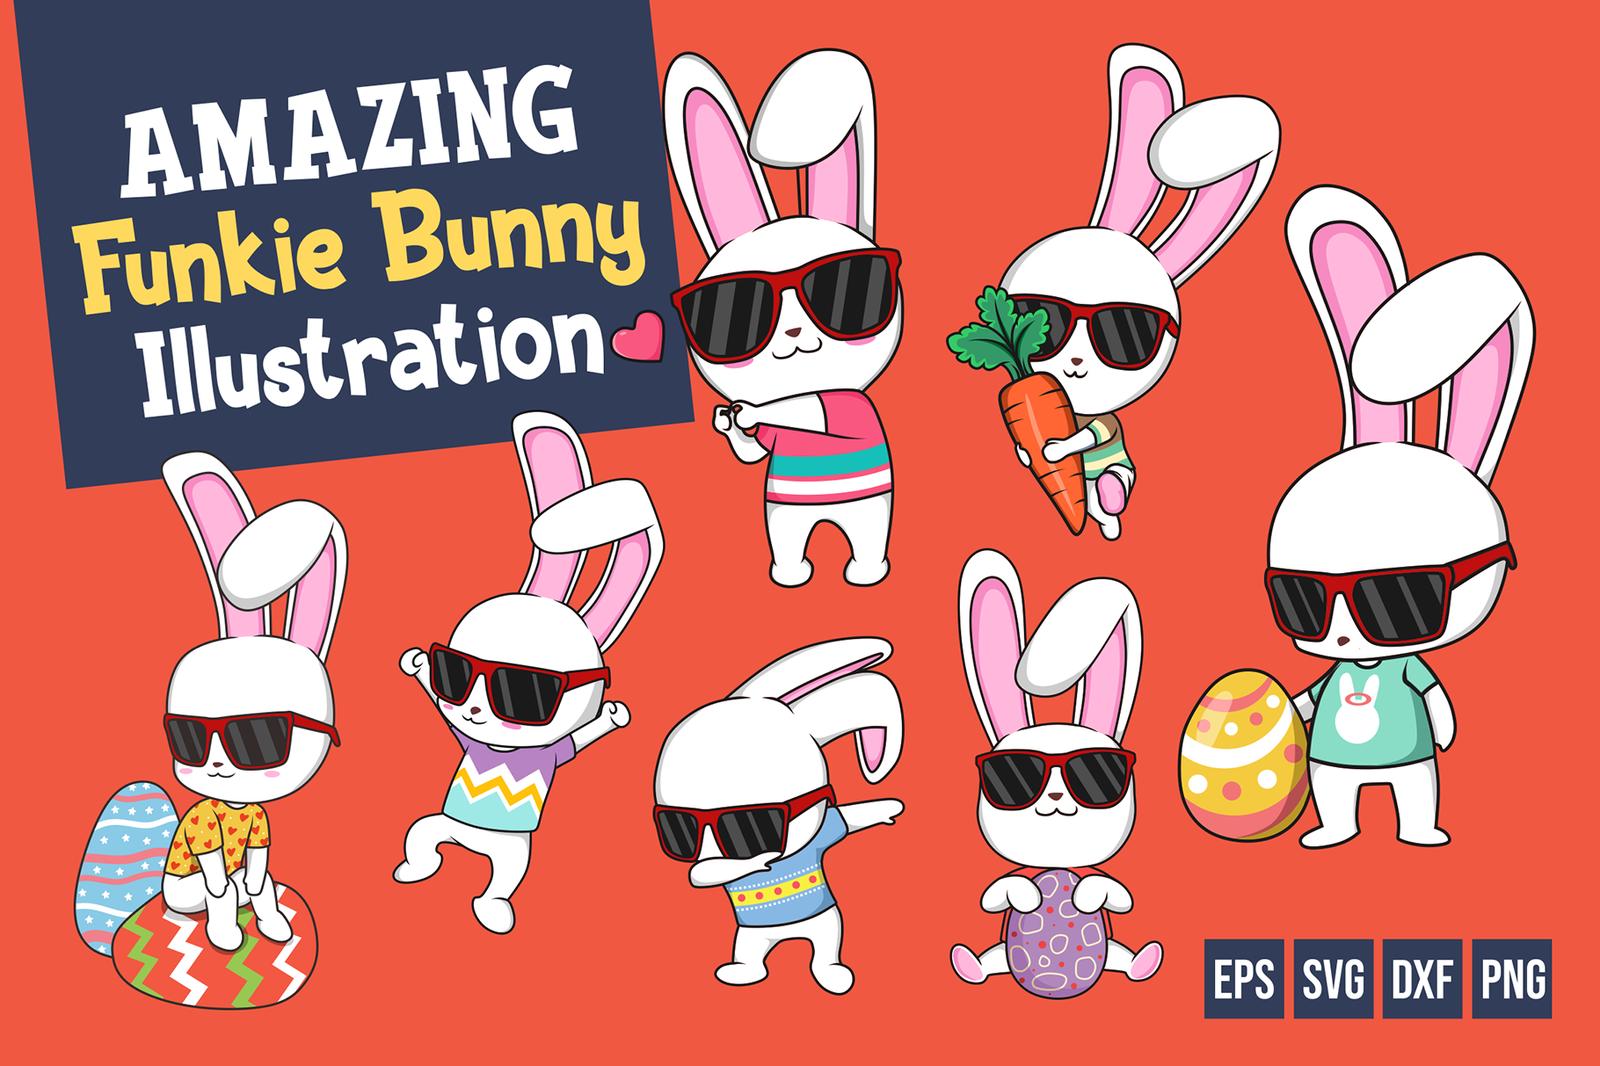 Funkie Bunny